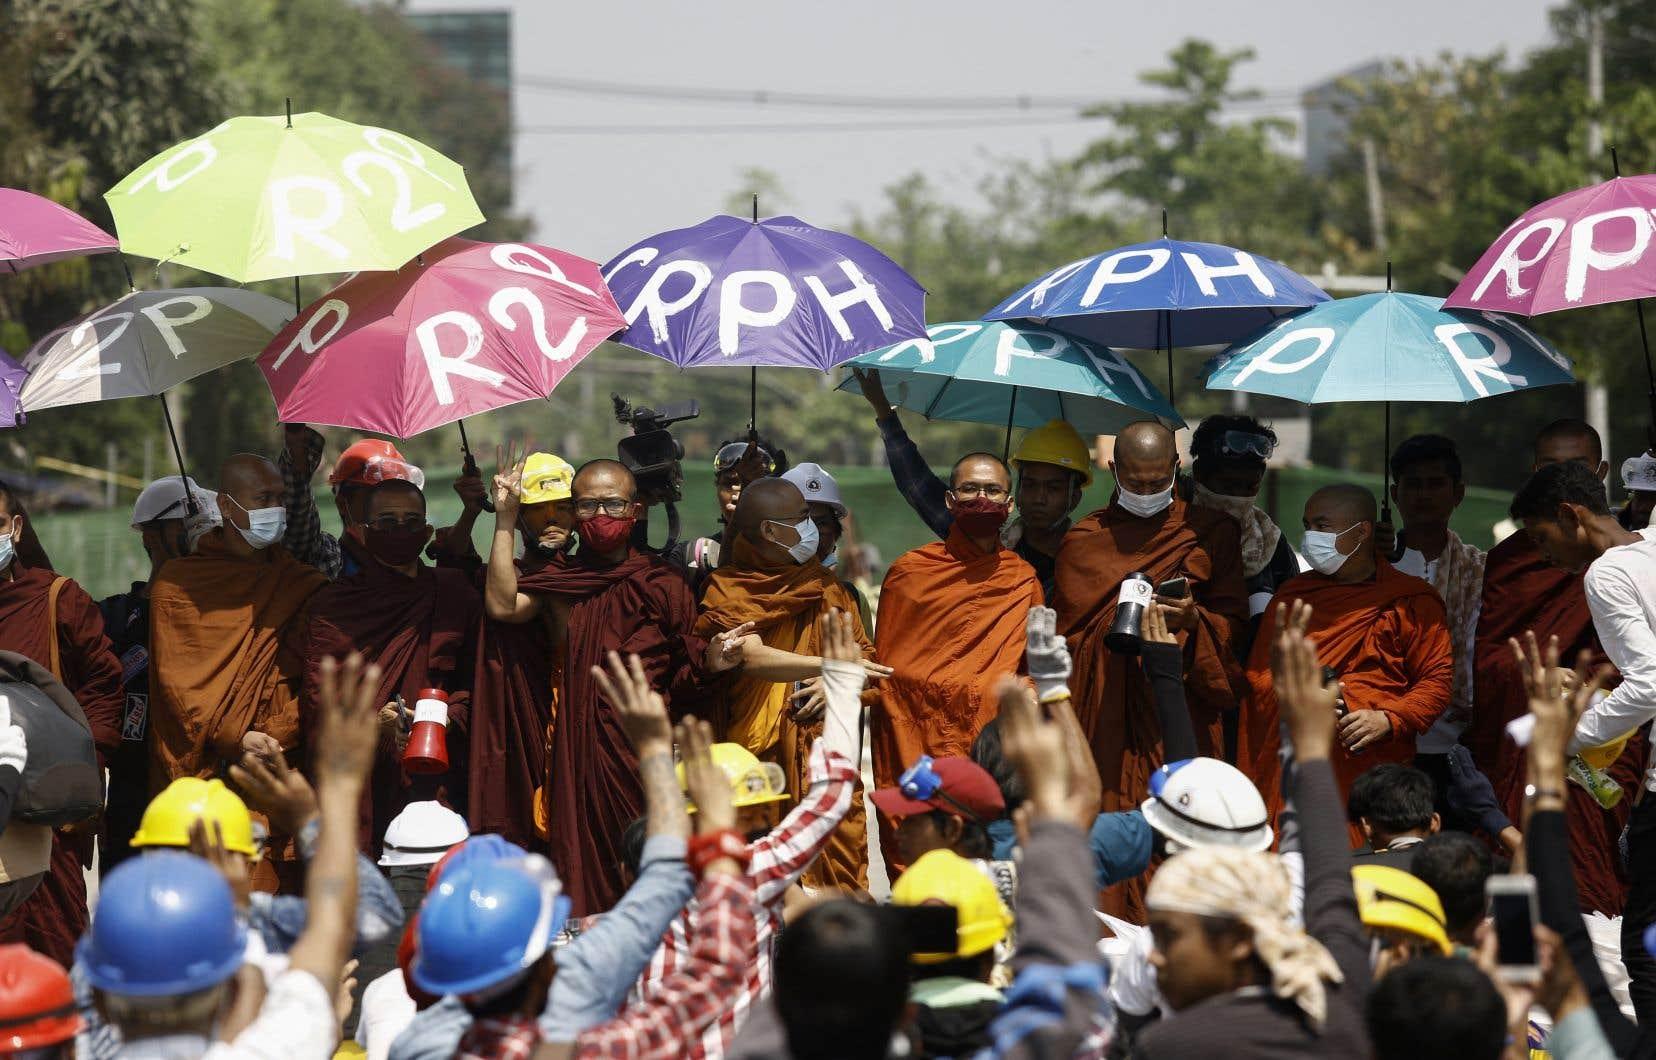 Occupés sur plusieurs fronts, les généraux myanmarais cherchent à concentrer leur action sur les manifestations prodémocratie.